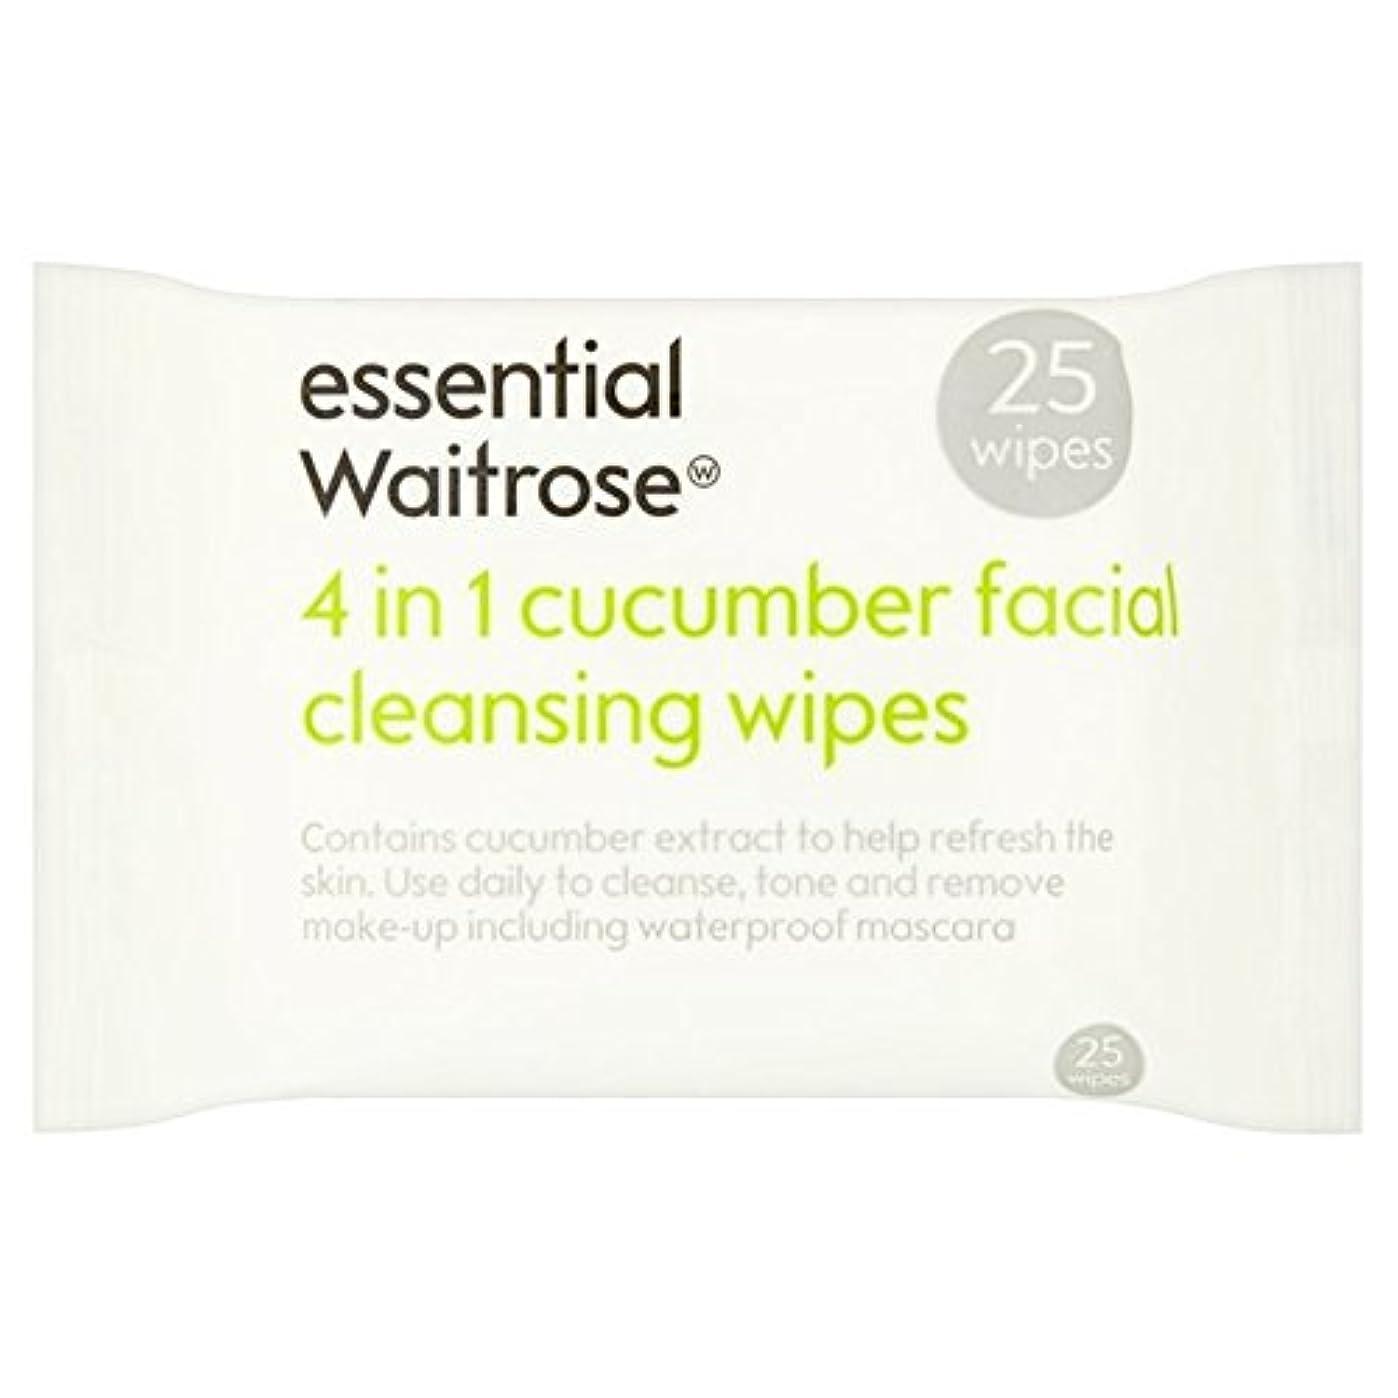 インシュレータ既婚くしゃみCucumber Facial Wipes essential Waitrose 25 per pack (Pack of 6) - キュウリ顔のワイプパックあたり不可欠ウェイトローズ25 x6 [並行輸入品]